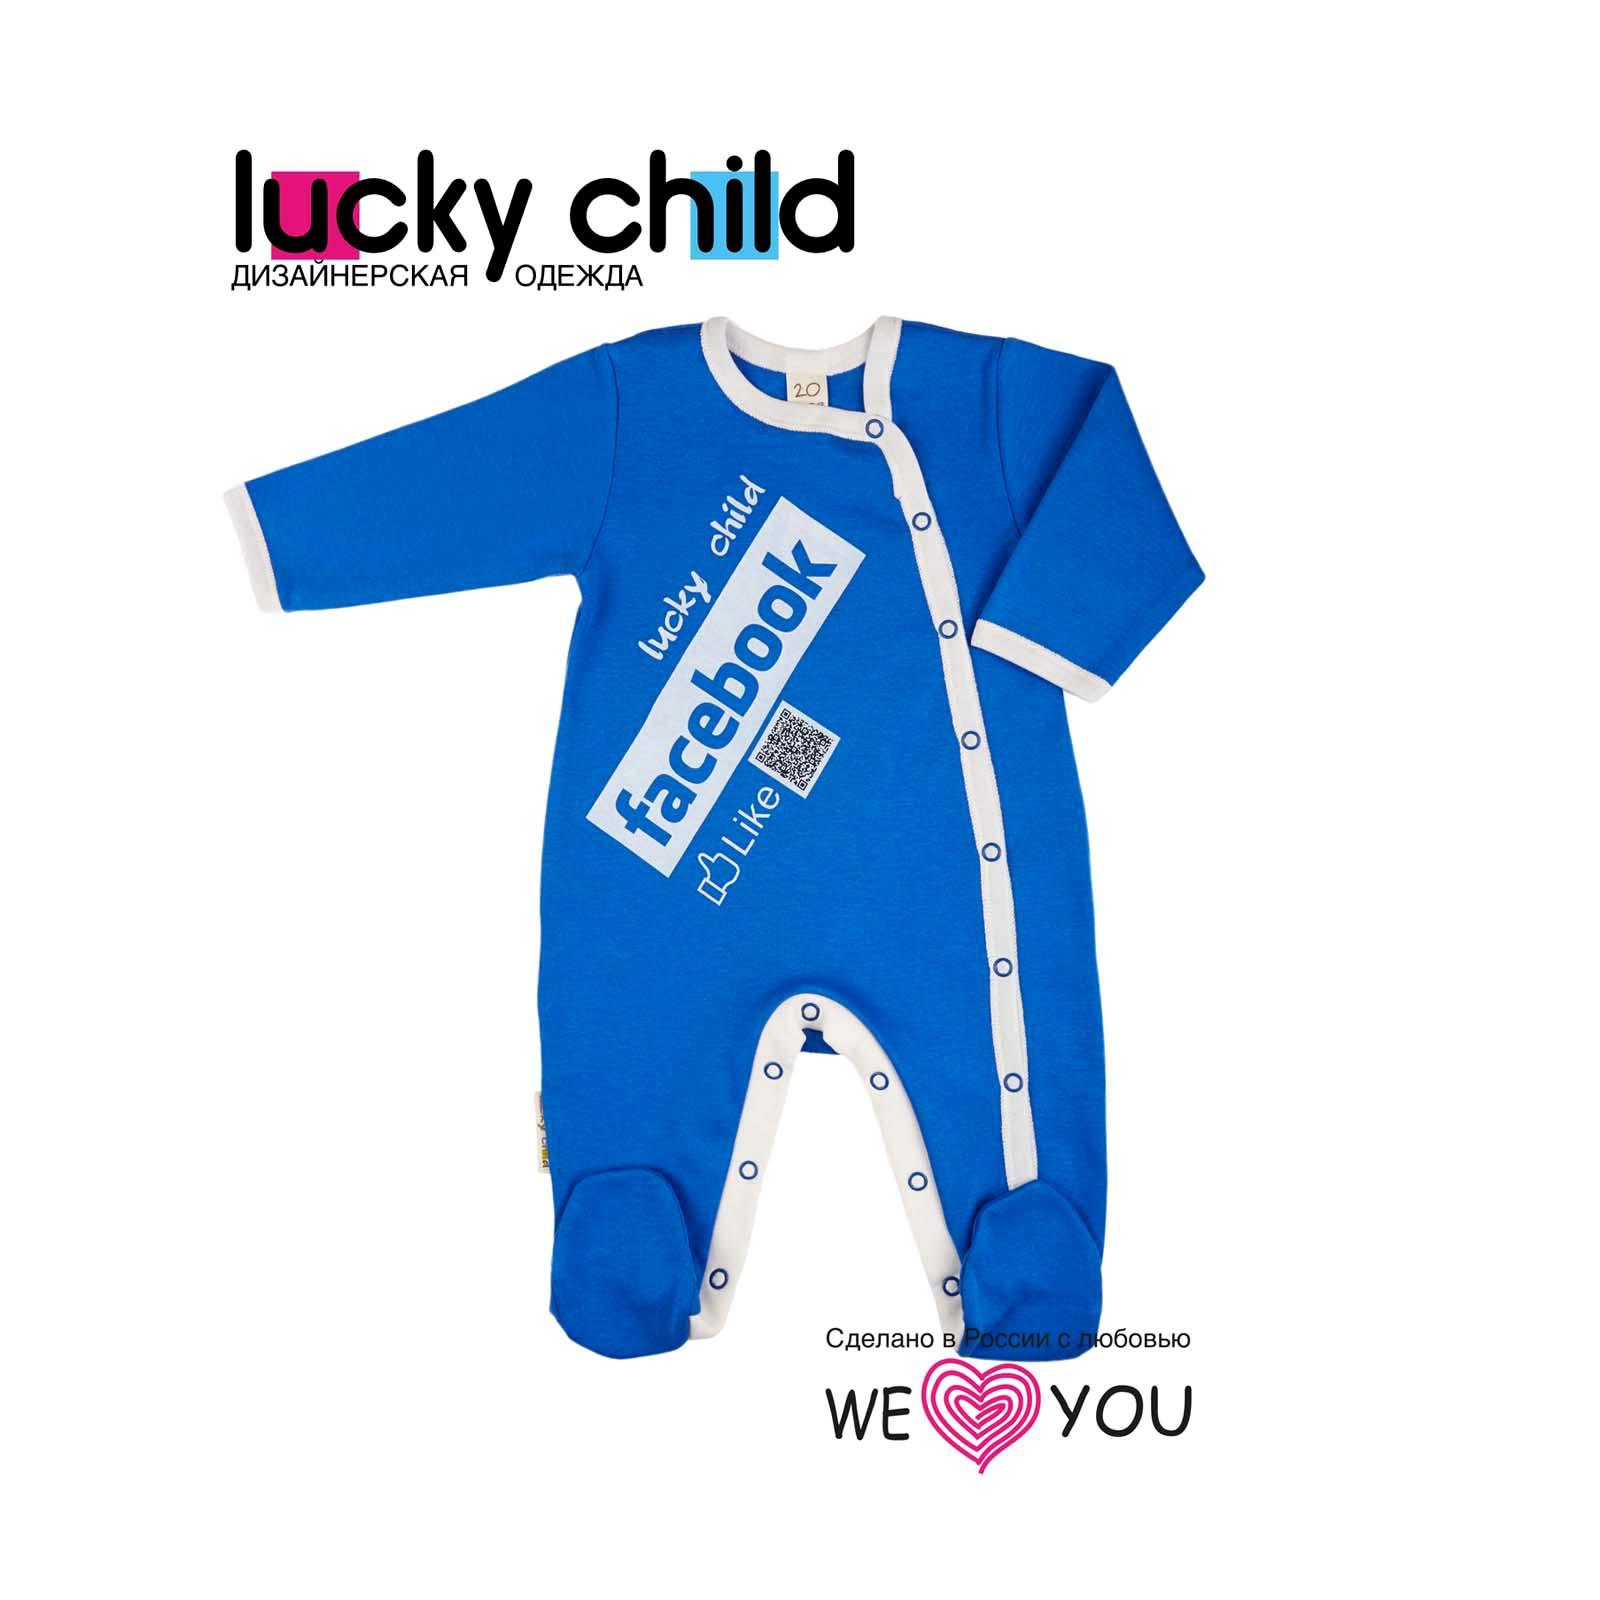 Комбинезон Lucky Child с надписью Facebook размер 68<br>